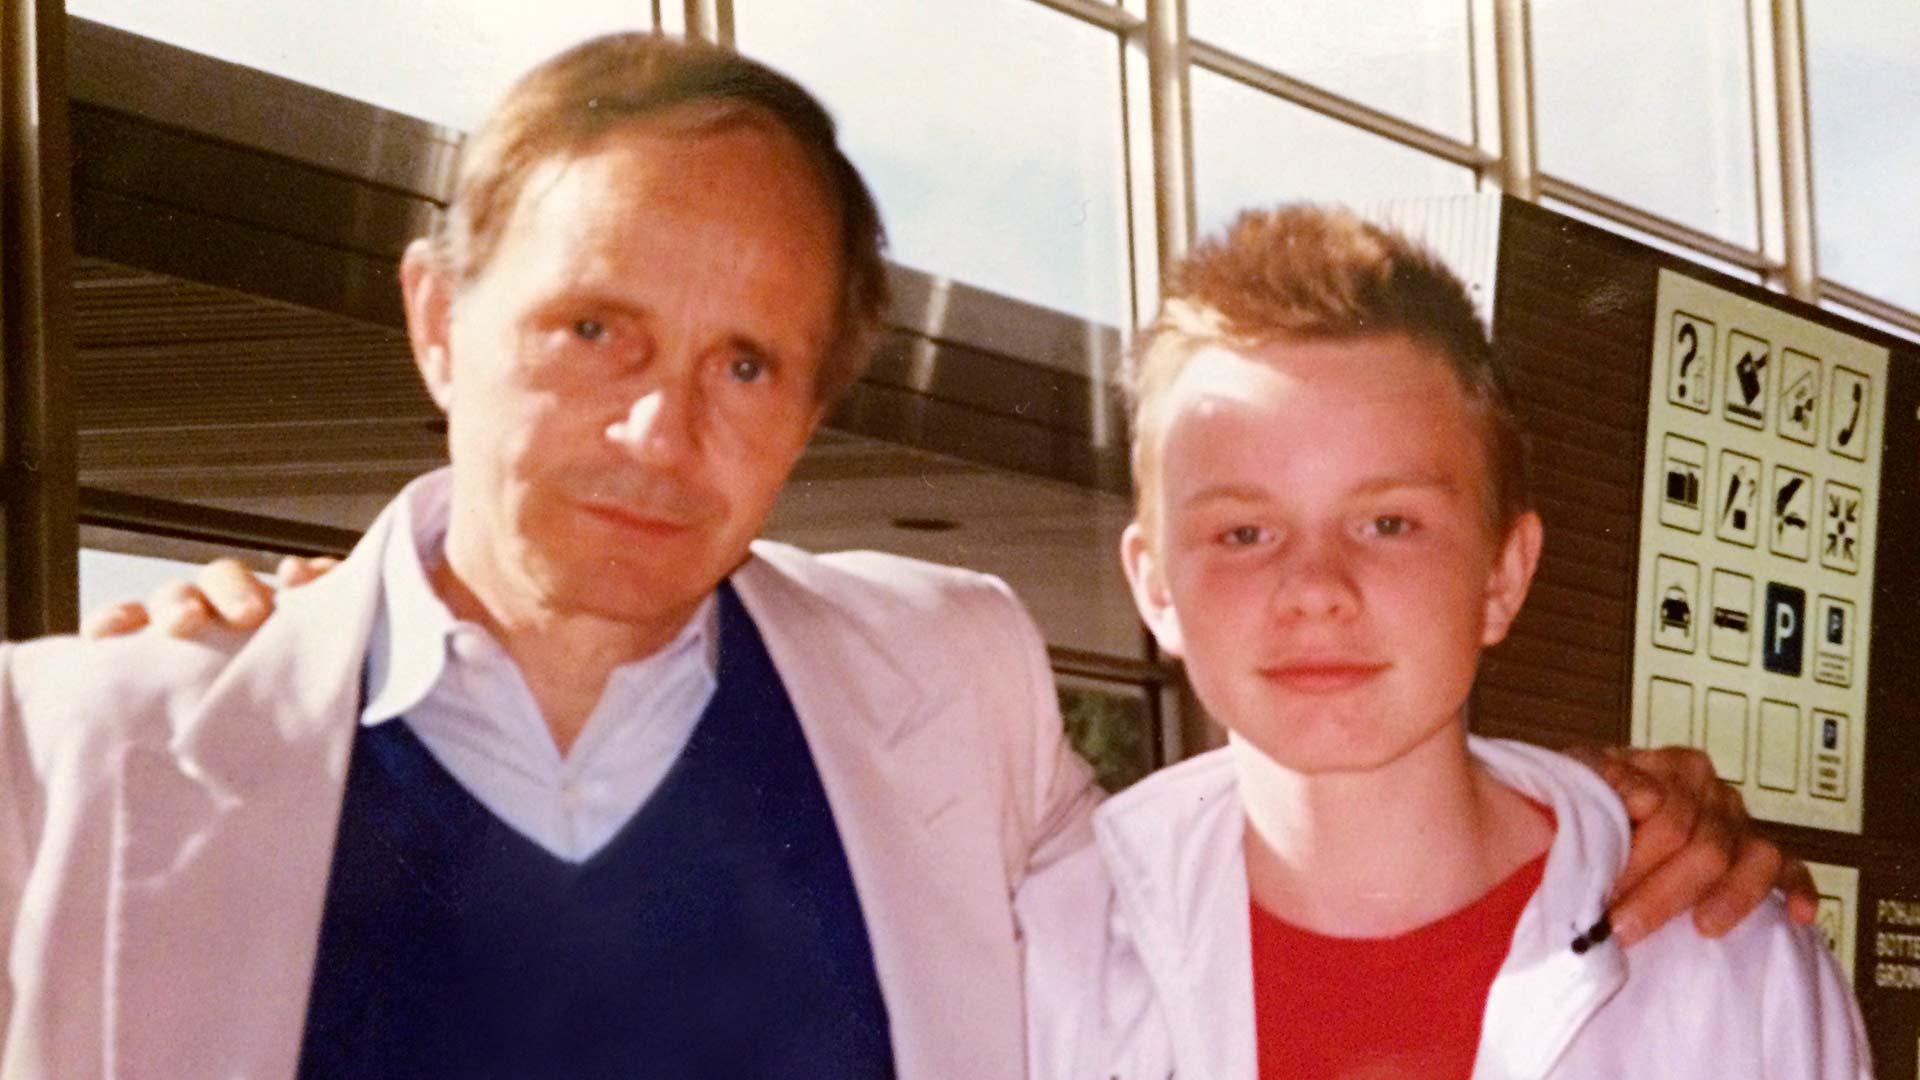 Dome Karukoski oli isäänsä George Dickersonia vastassa lentokentällä, kun isä saapui tapaamaan poikaansa ensimmäistä kertaa.